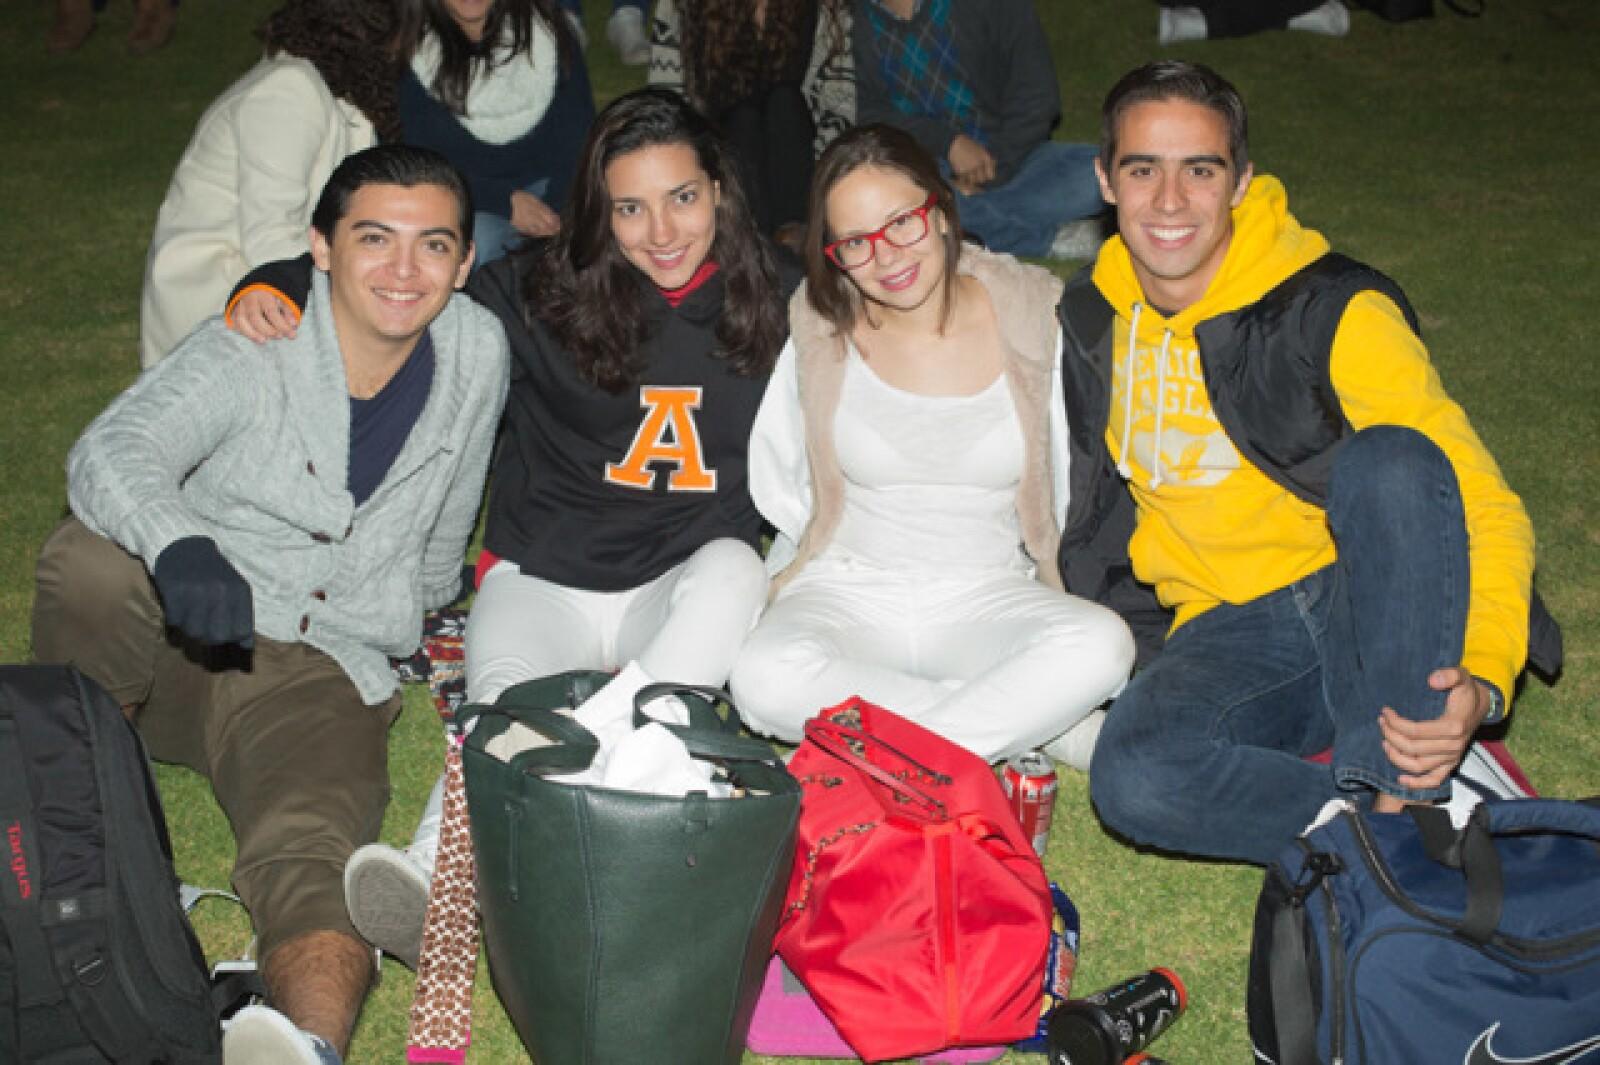 Áxel Pérez, Grecia Pelaes, Melanie Báez y Sebastián Ferrer